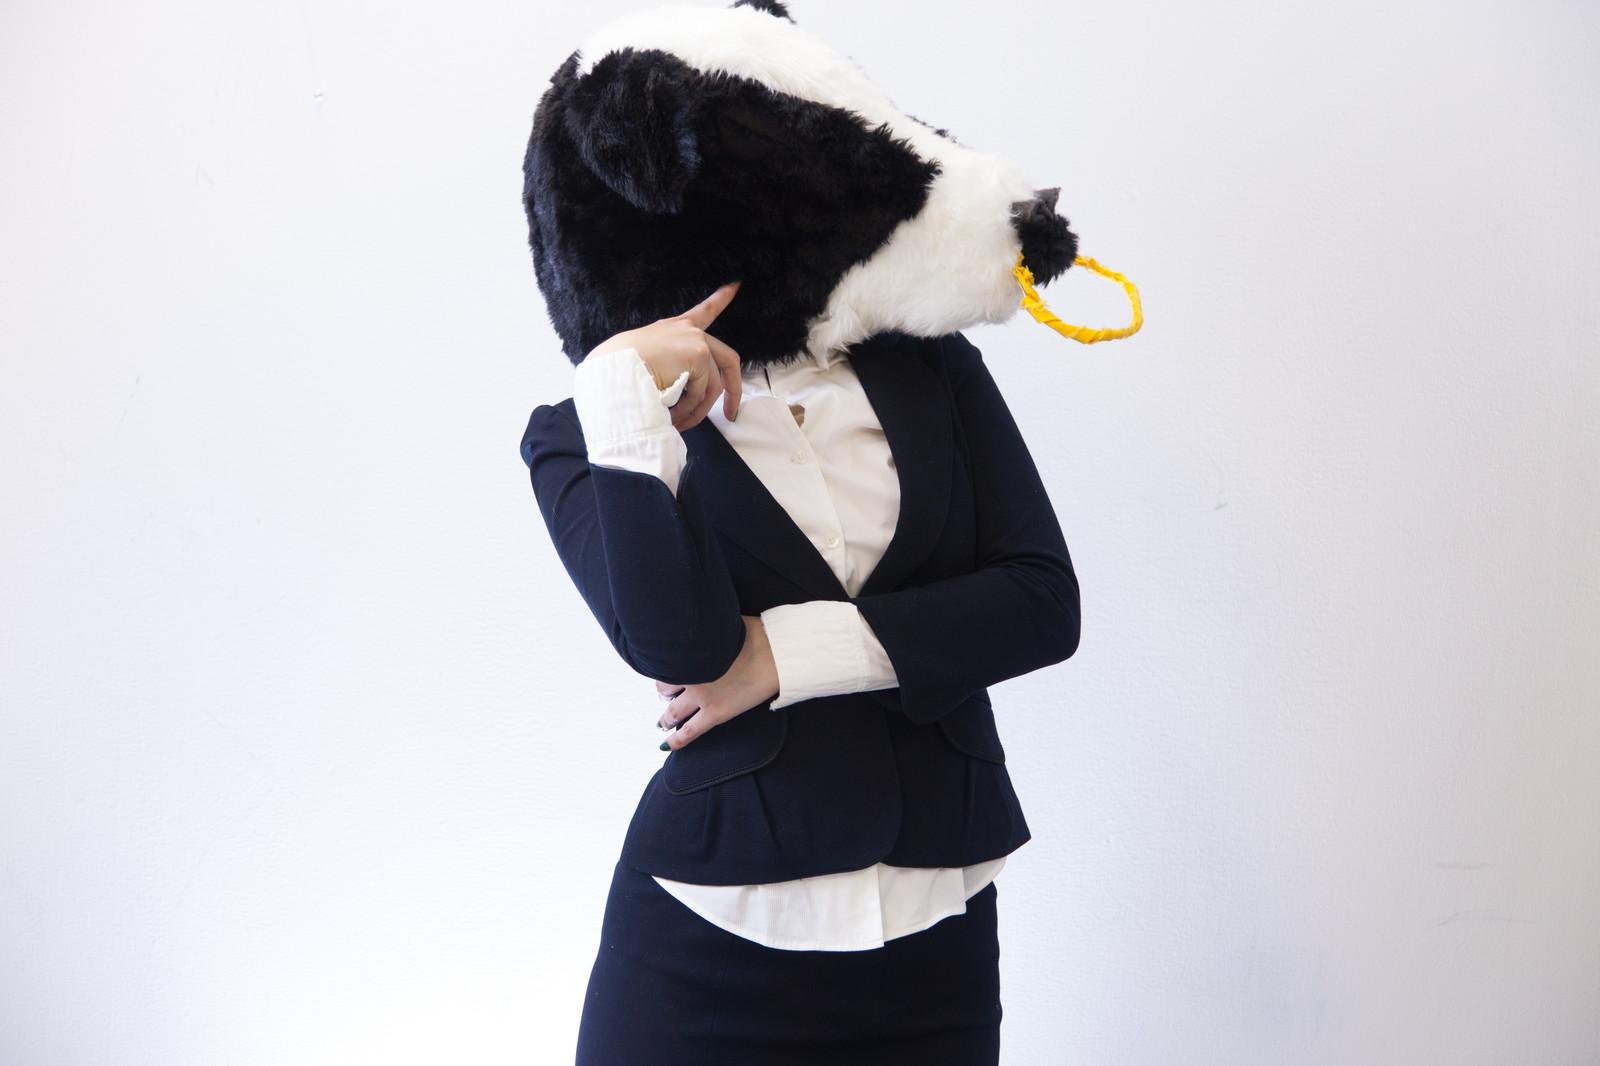 アンテロープレッグスリマー_悩む女性のイメージ